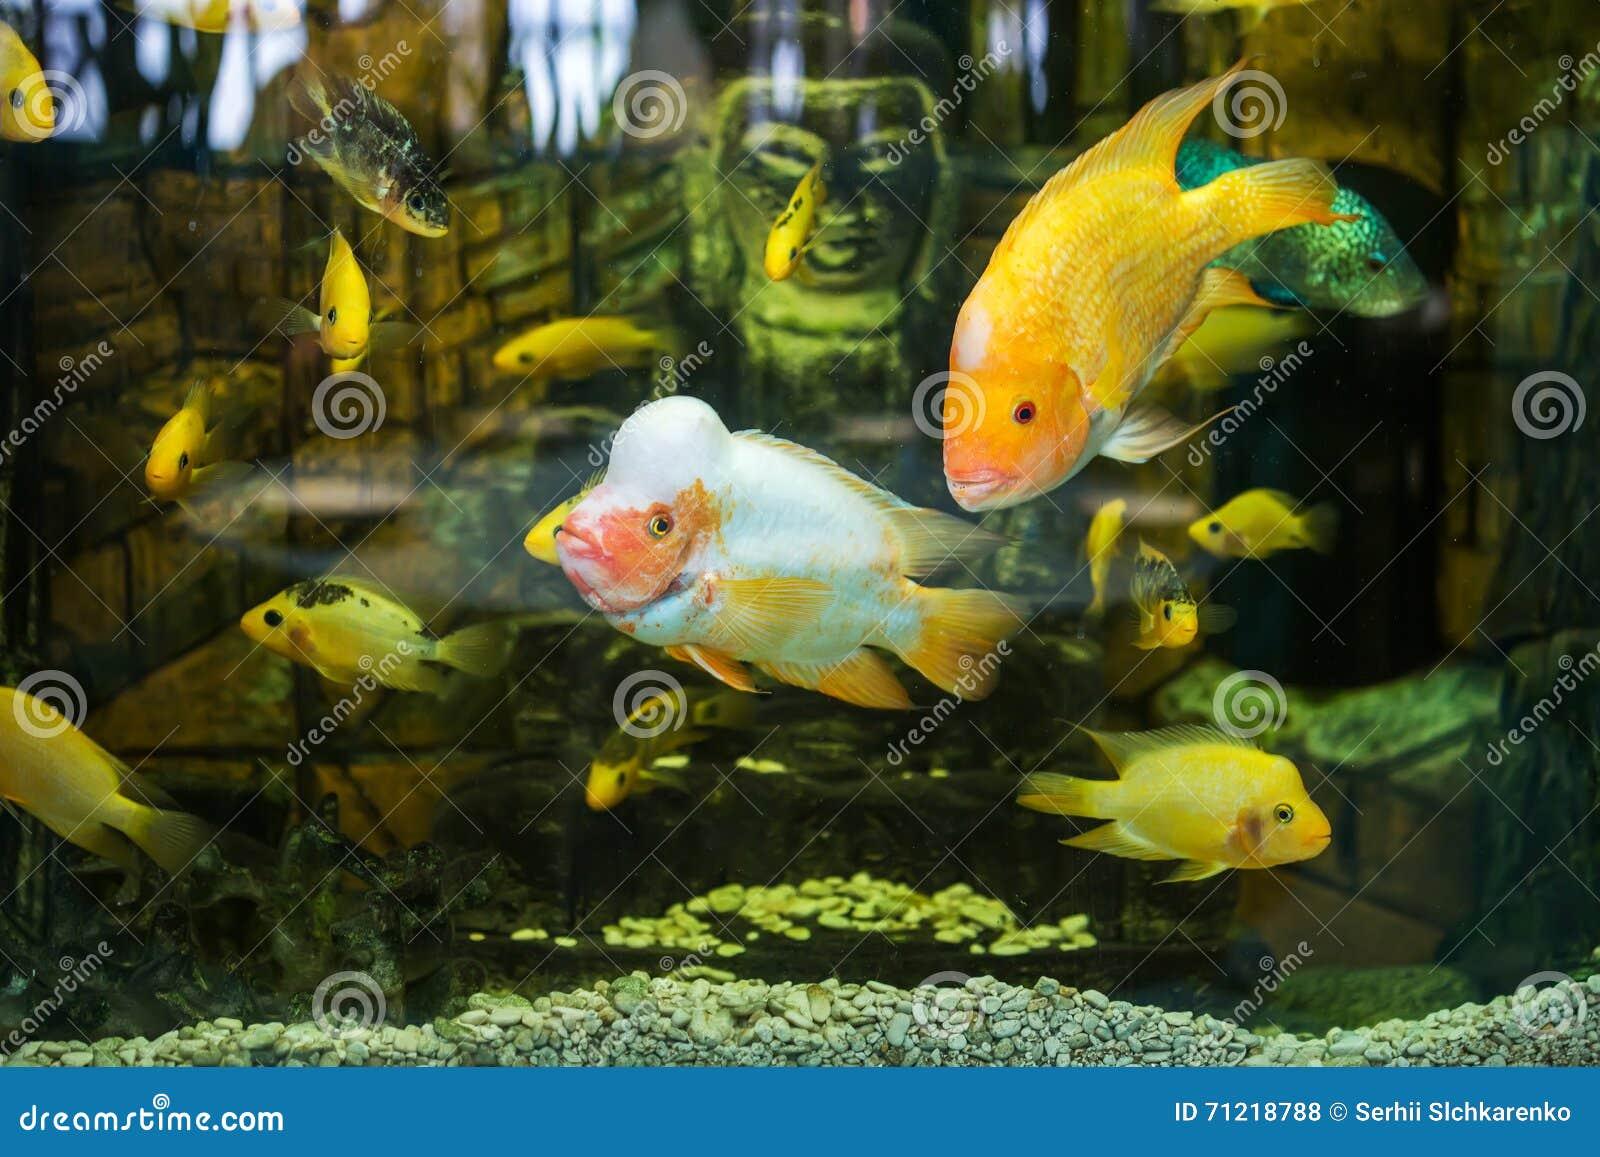 Freshwater aquarium fish cichlids - Aquarium Fish Cichlids